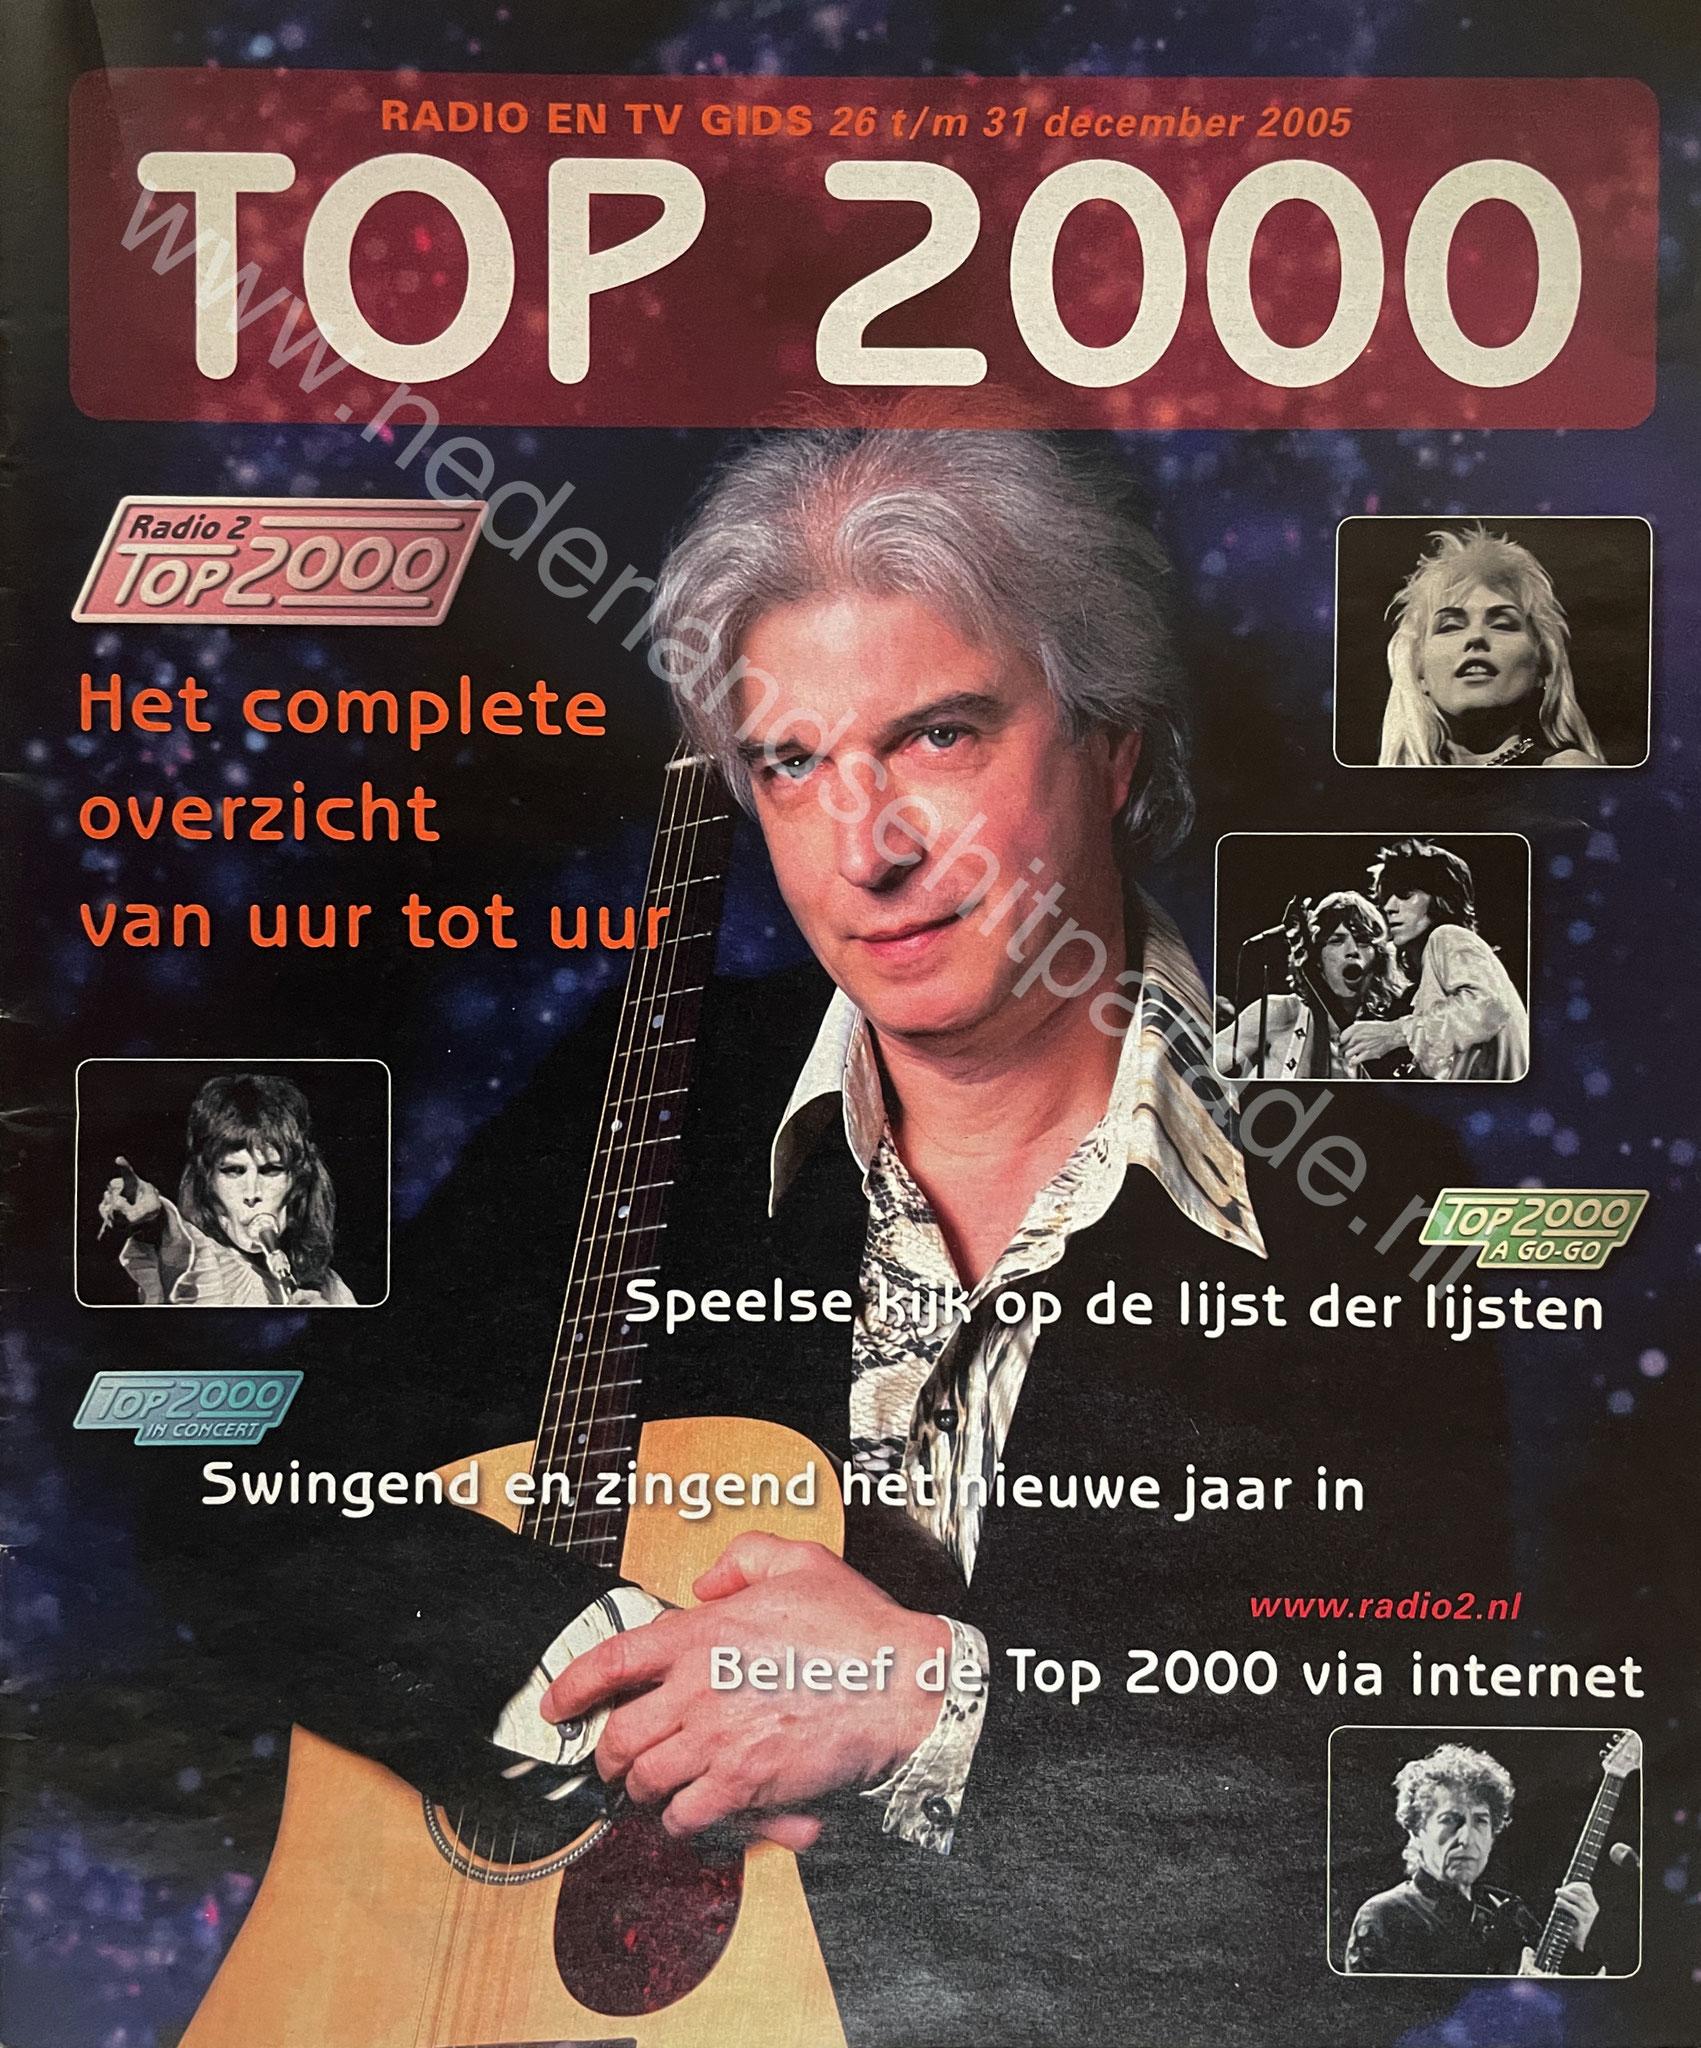 Top 2000 gids 2005